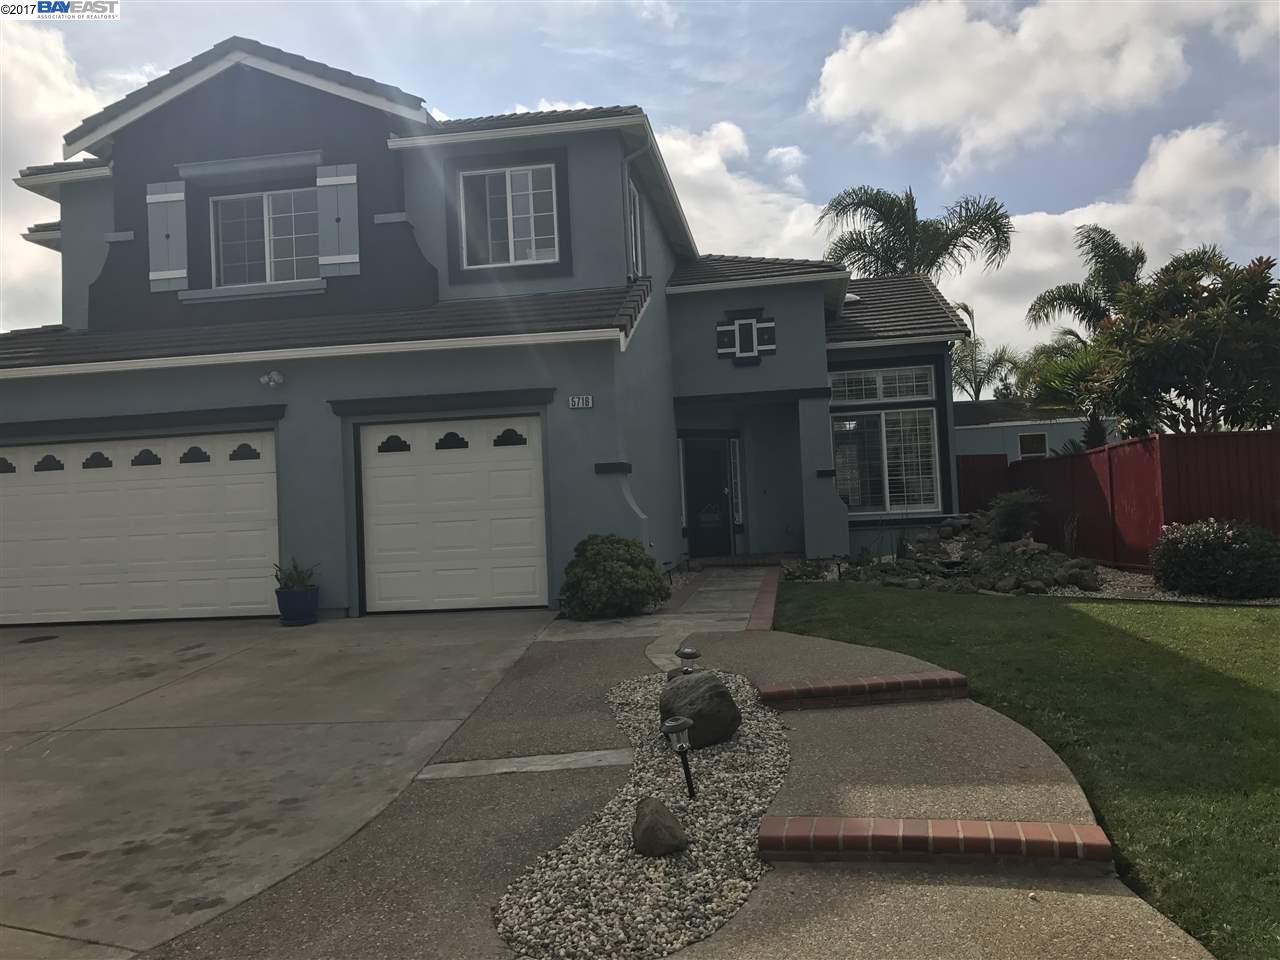 Single Family Home for Sale at 5716 Del Monte Court 5716 Del Monte Court Union City, California 94587 United States